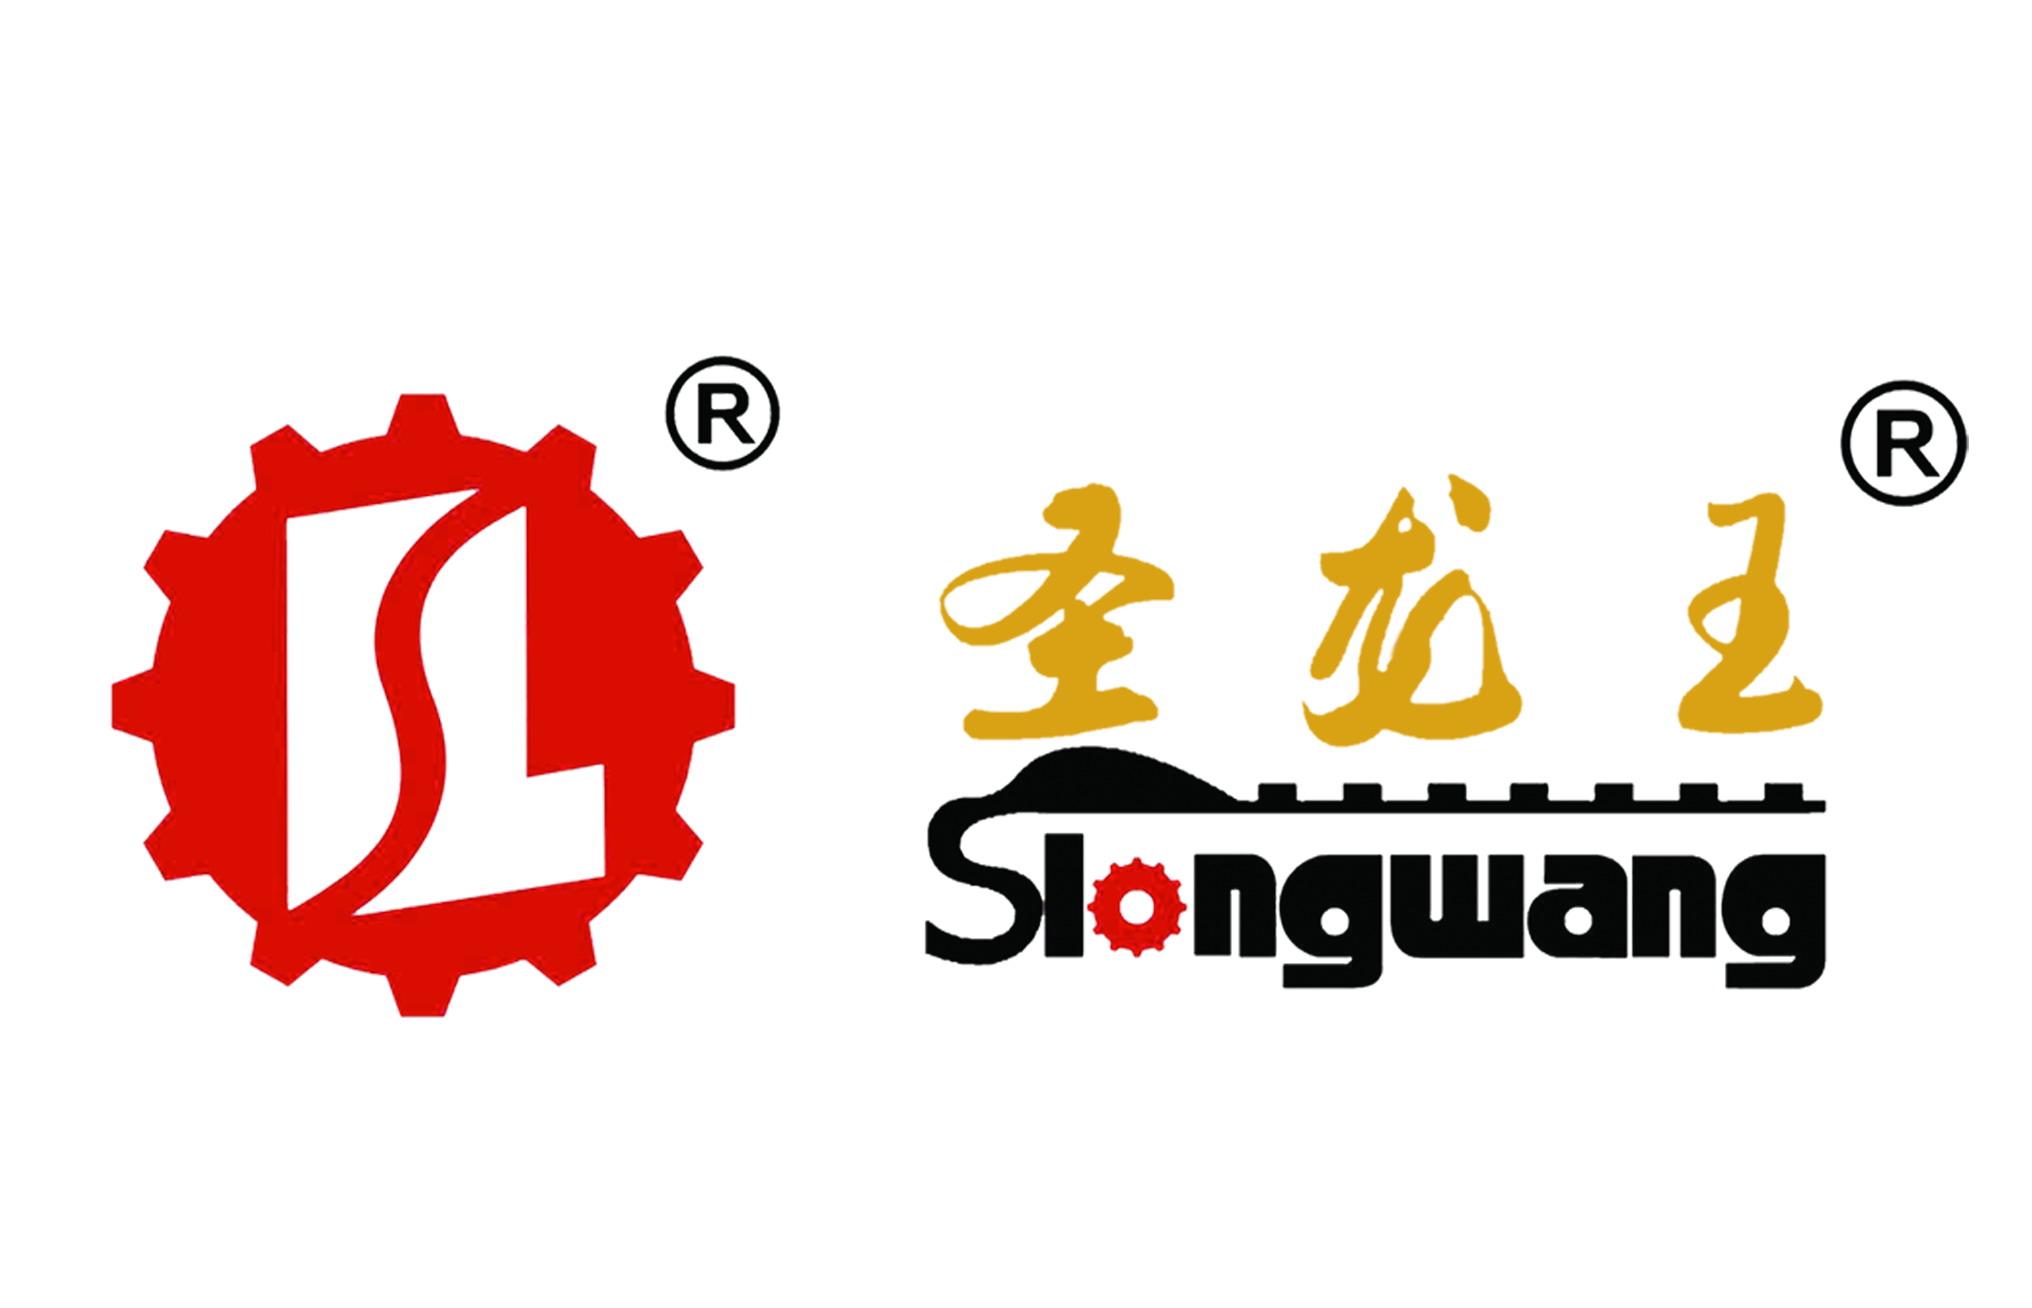 宁波圣龙王同步带有限公司